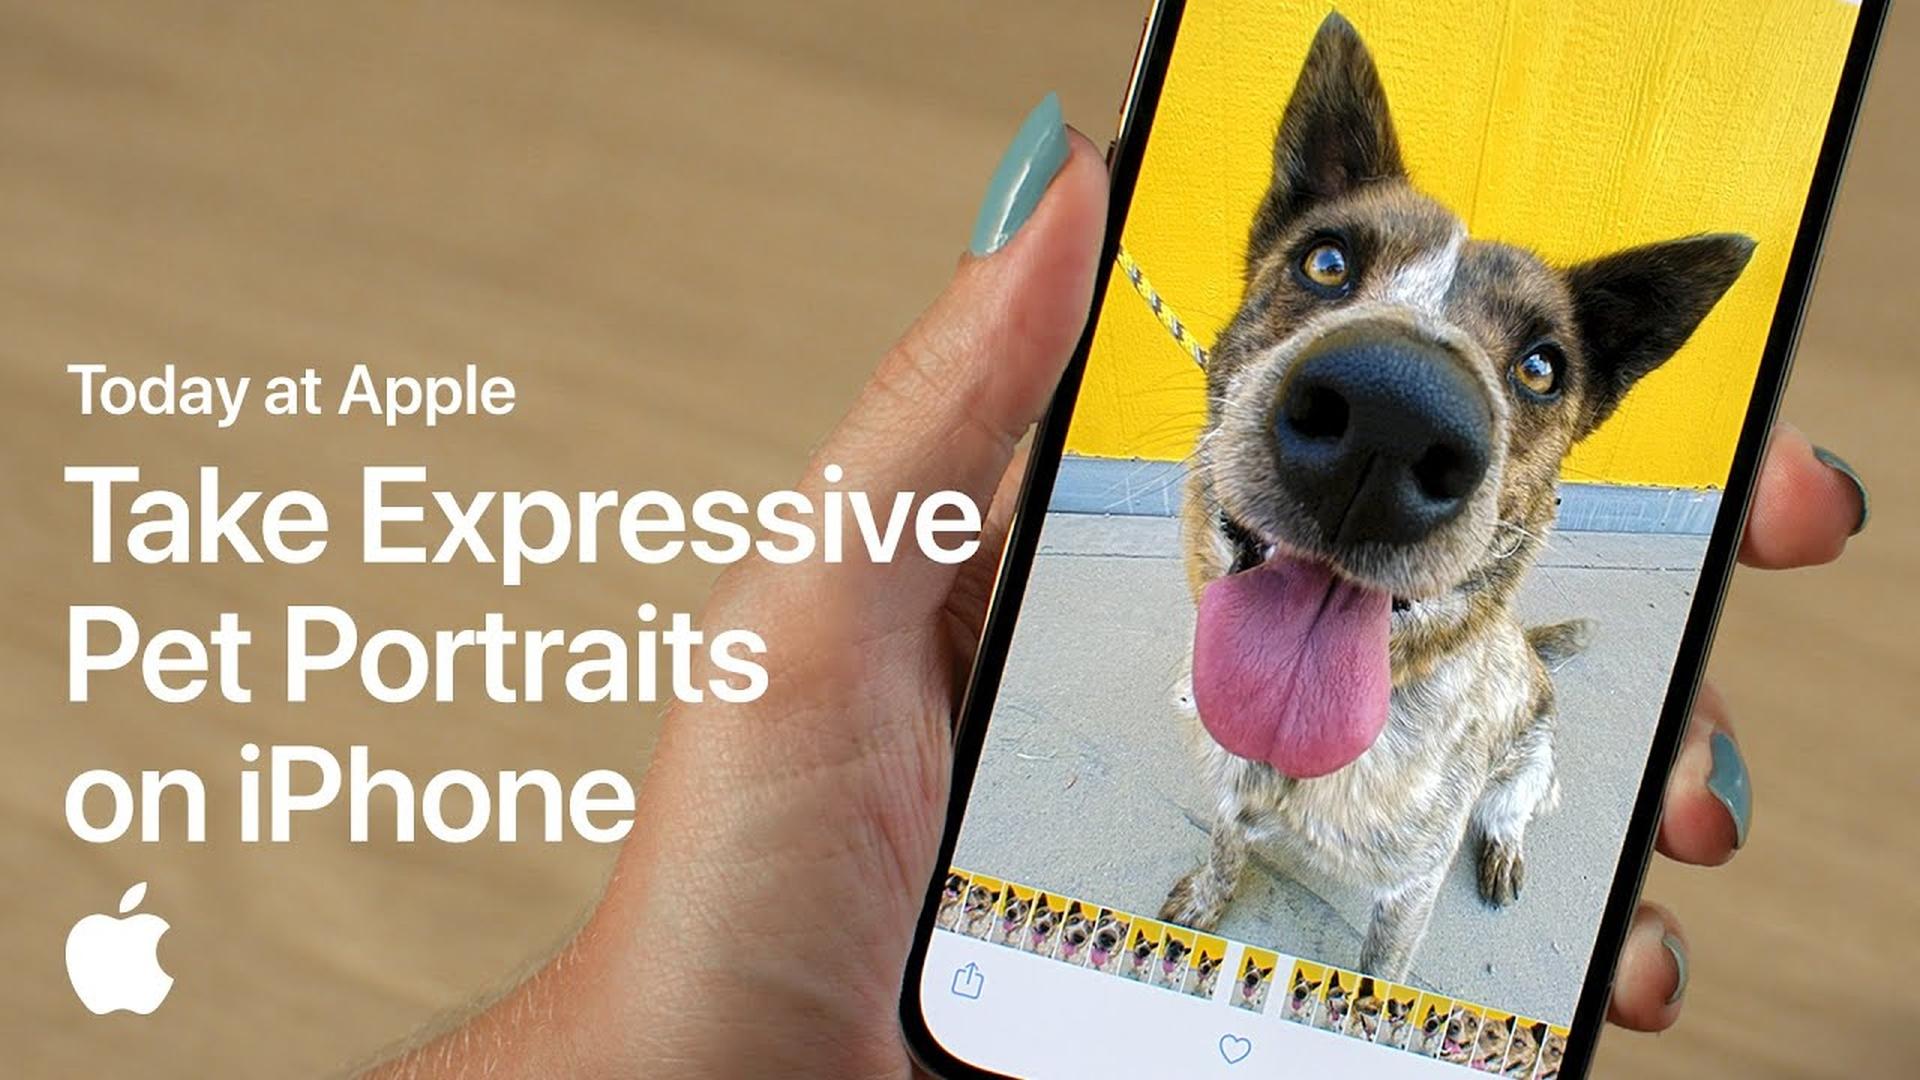 Poradnik Apple: Jak fotografować zwierzęta przy pomocy iPhone'a